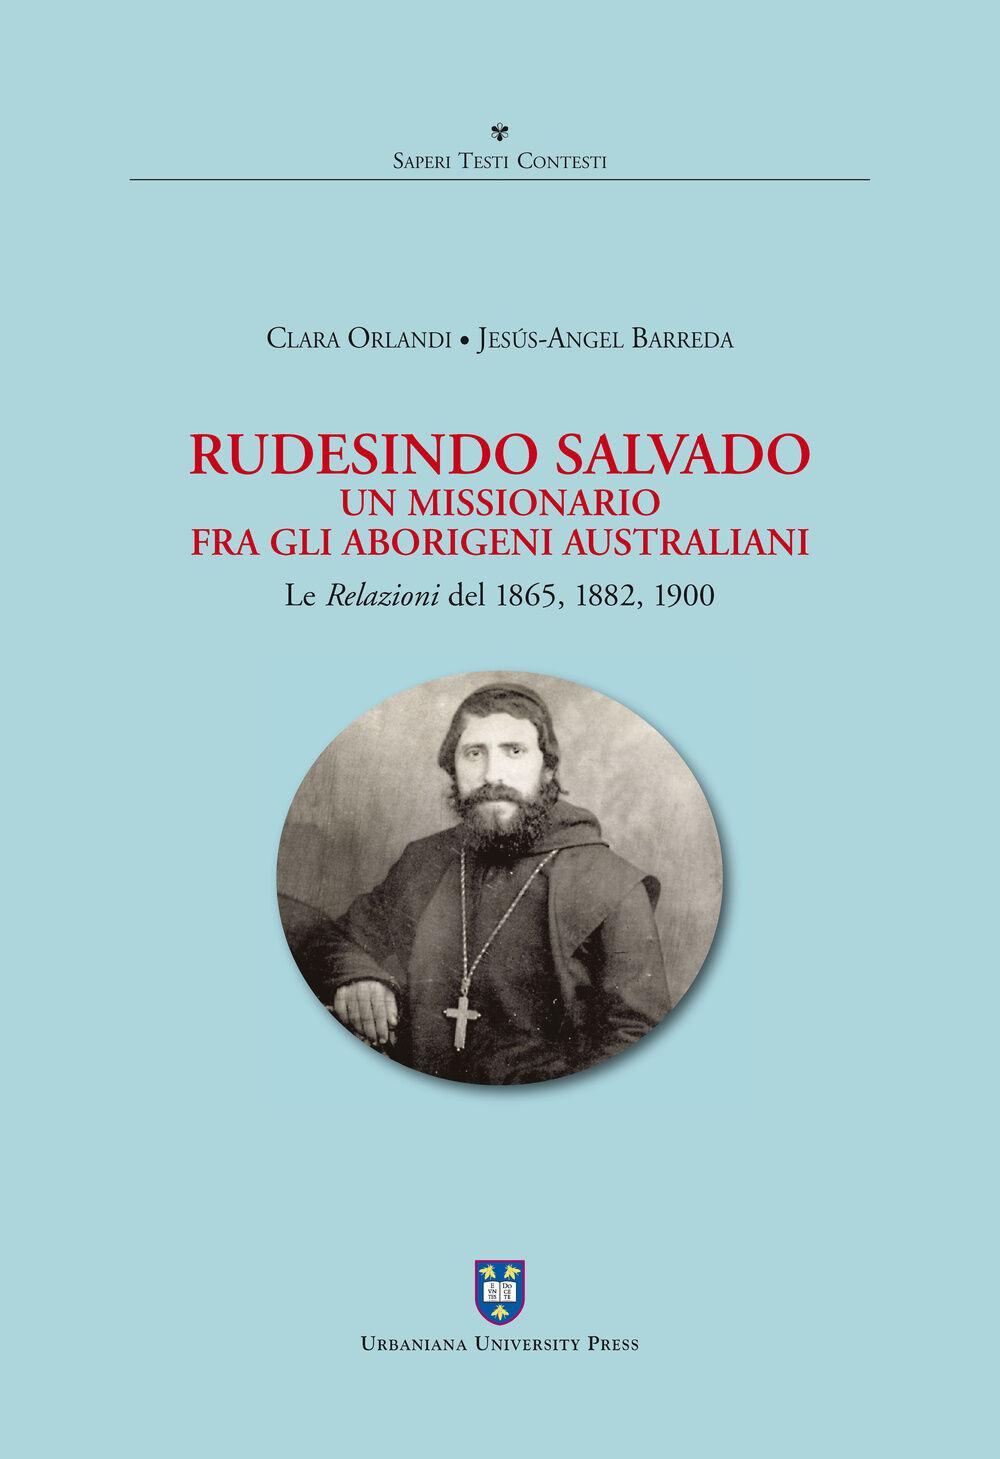 Rudesindo Salvado. Un missionario fra gli aborigeni australiani. Le relazioni del 1865, 1882, 1900